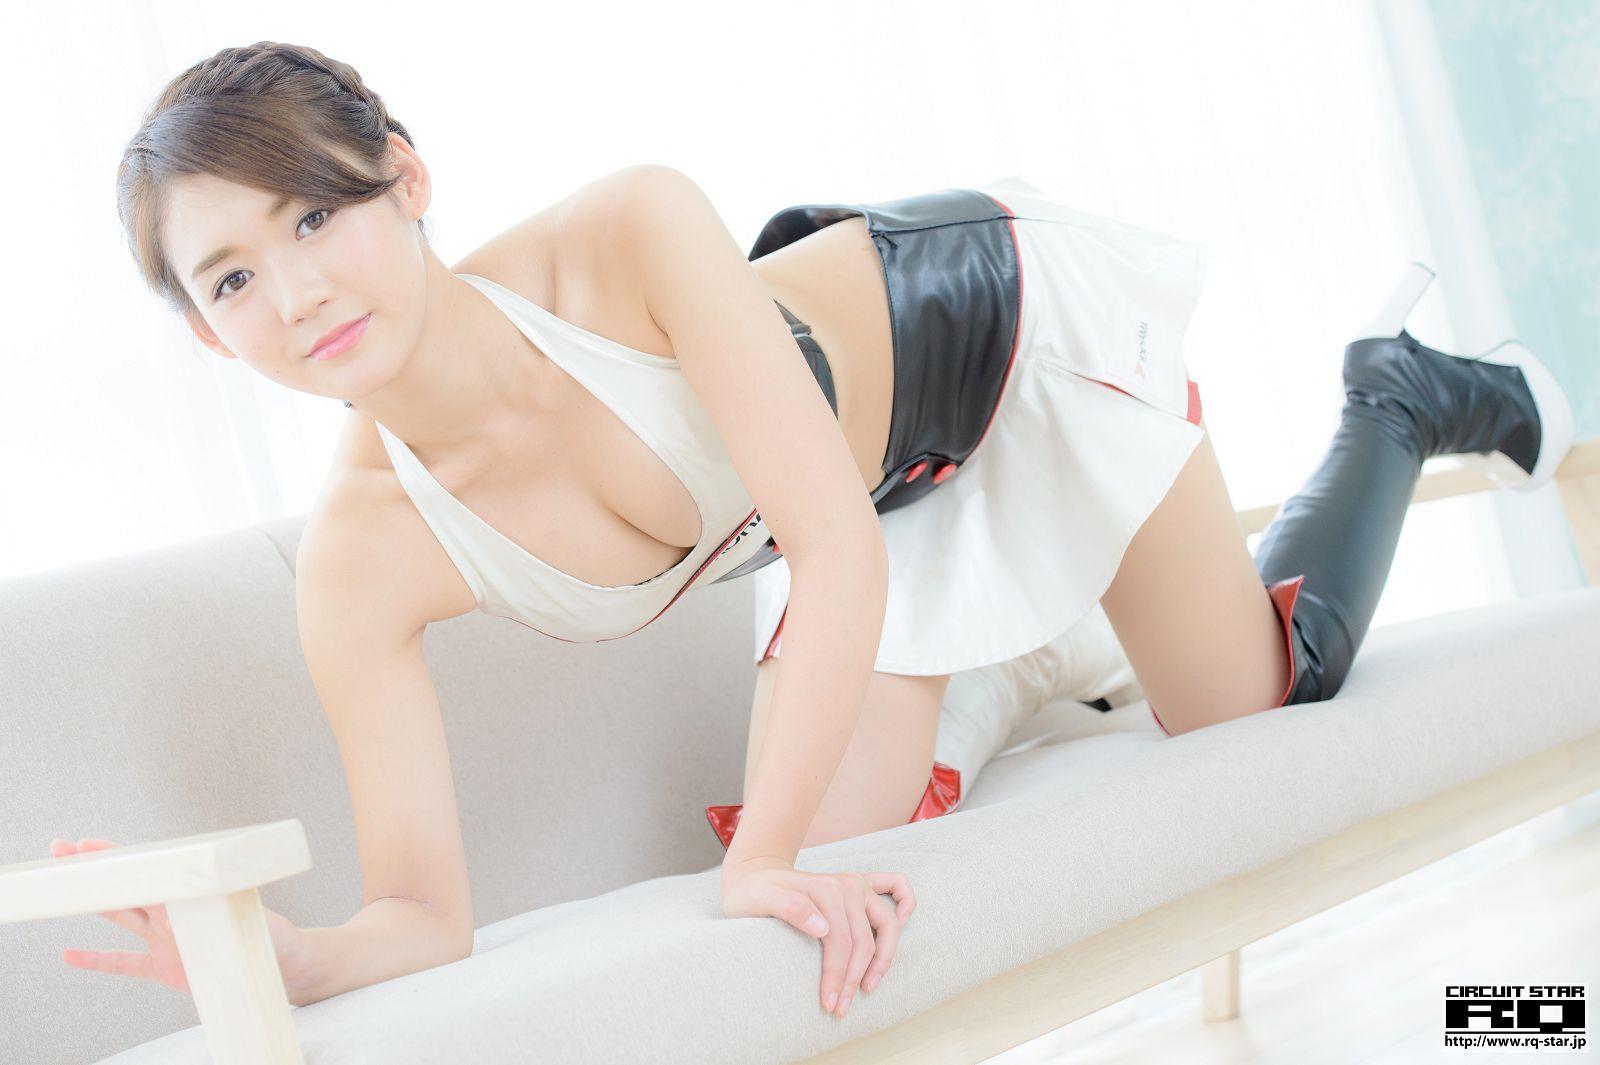 [RQ STAR美女] NO.00968 Yumi 優実 Race Queen[147P] RQ STAR 第4张